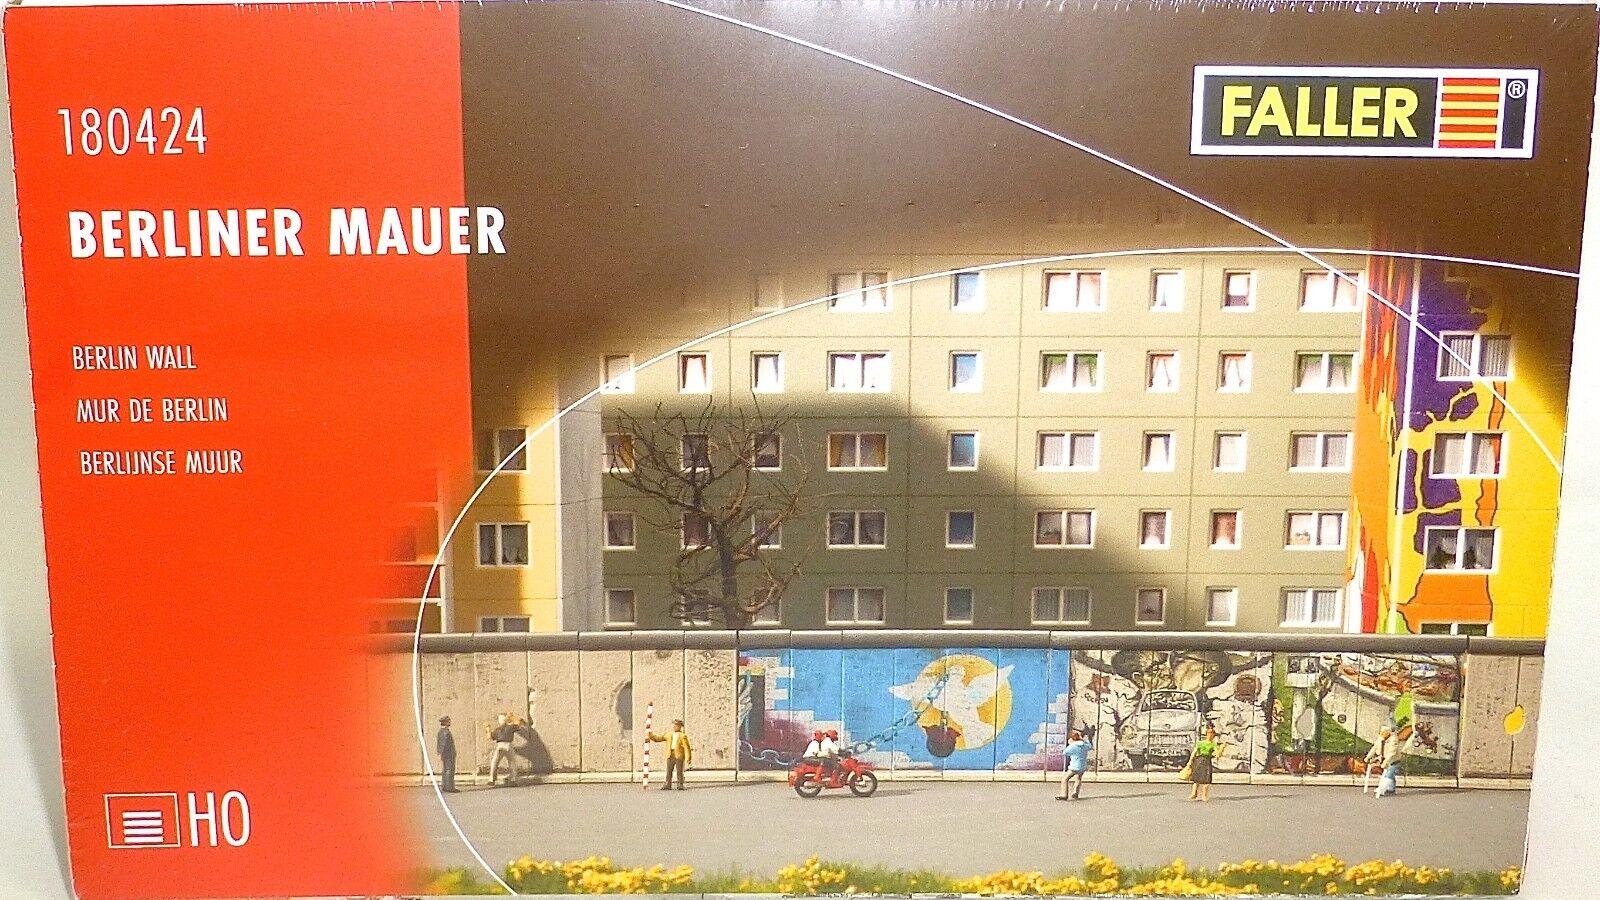 Berliner mauer Berlin Wall bausatz 220x24x43mm Faller 180424 H0 1 87 ovp UB1 µ